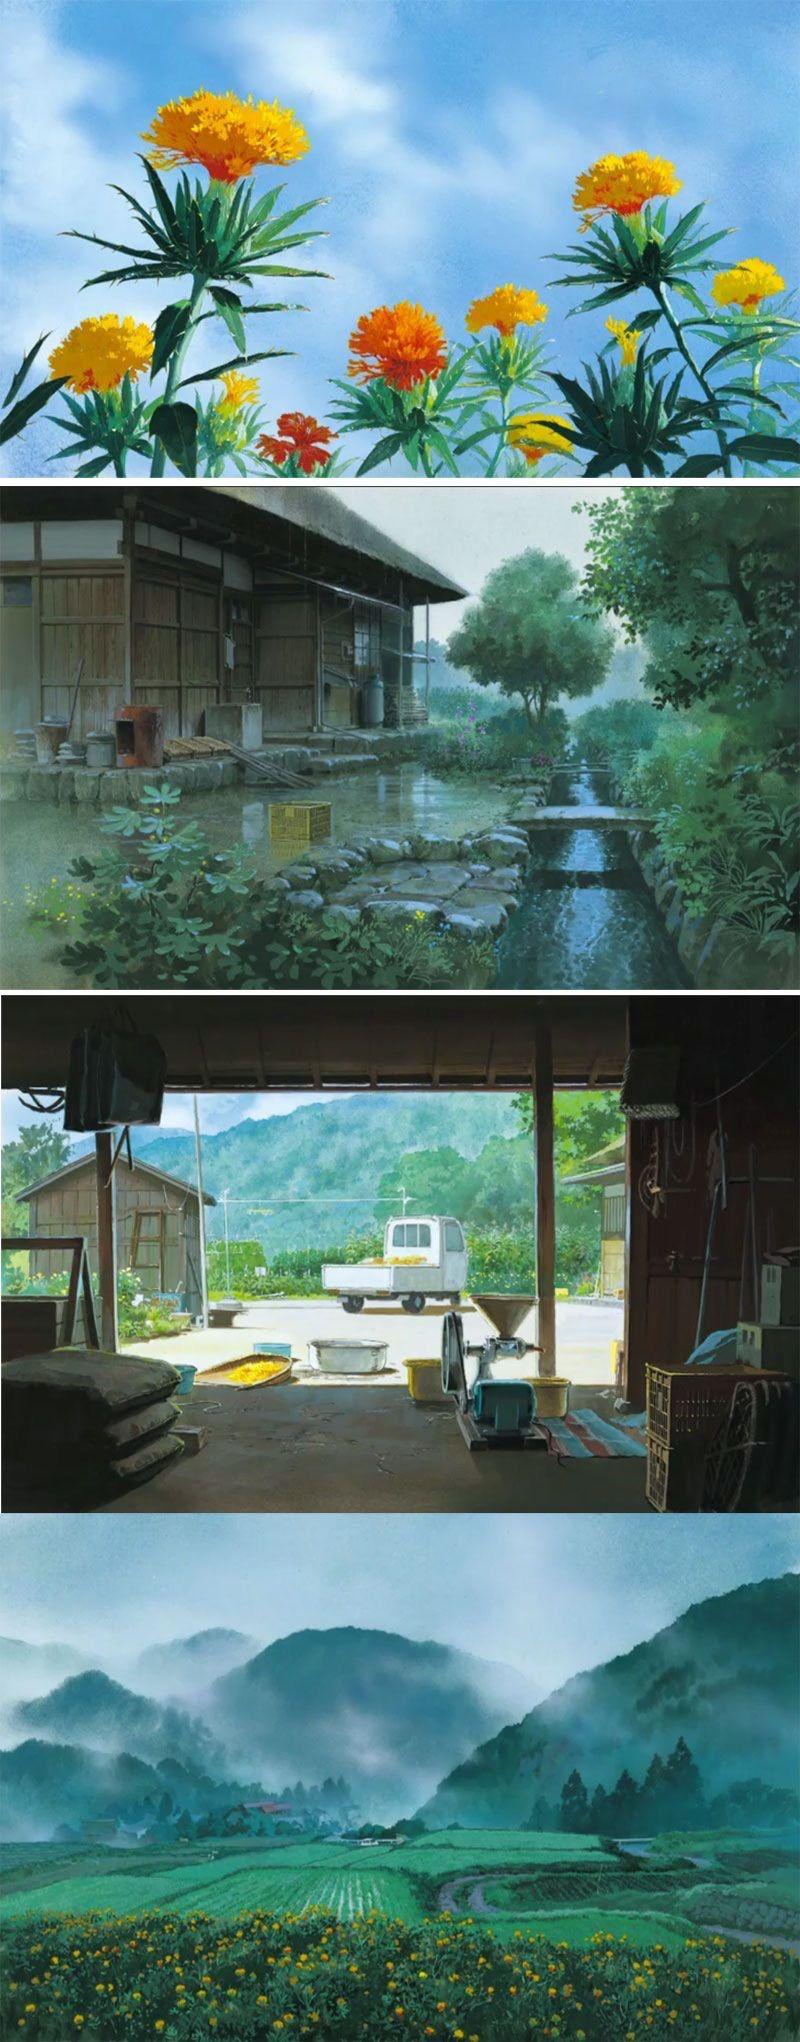 Stuff Ghibli art - art post